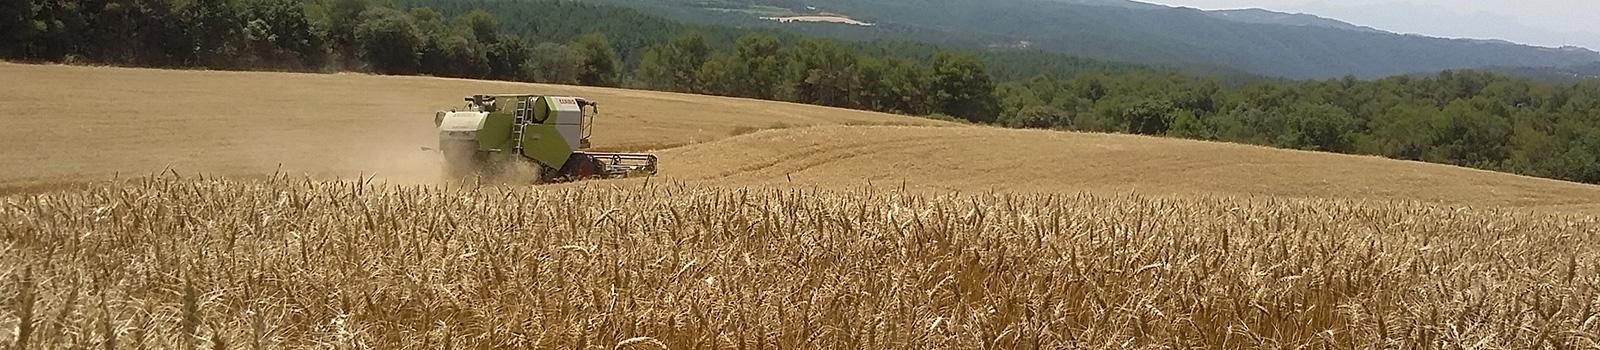 hd-casa-tarradellas-campos-de-trigo